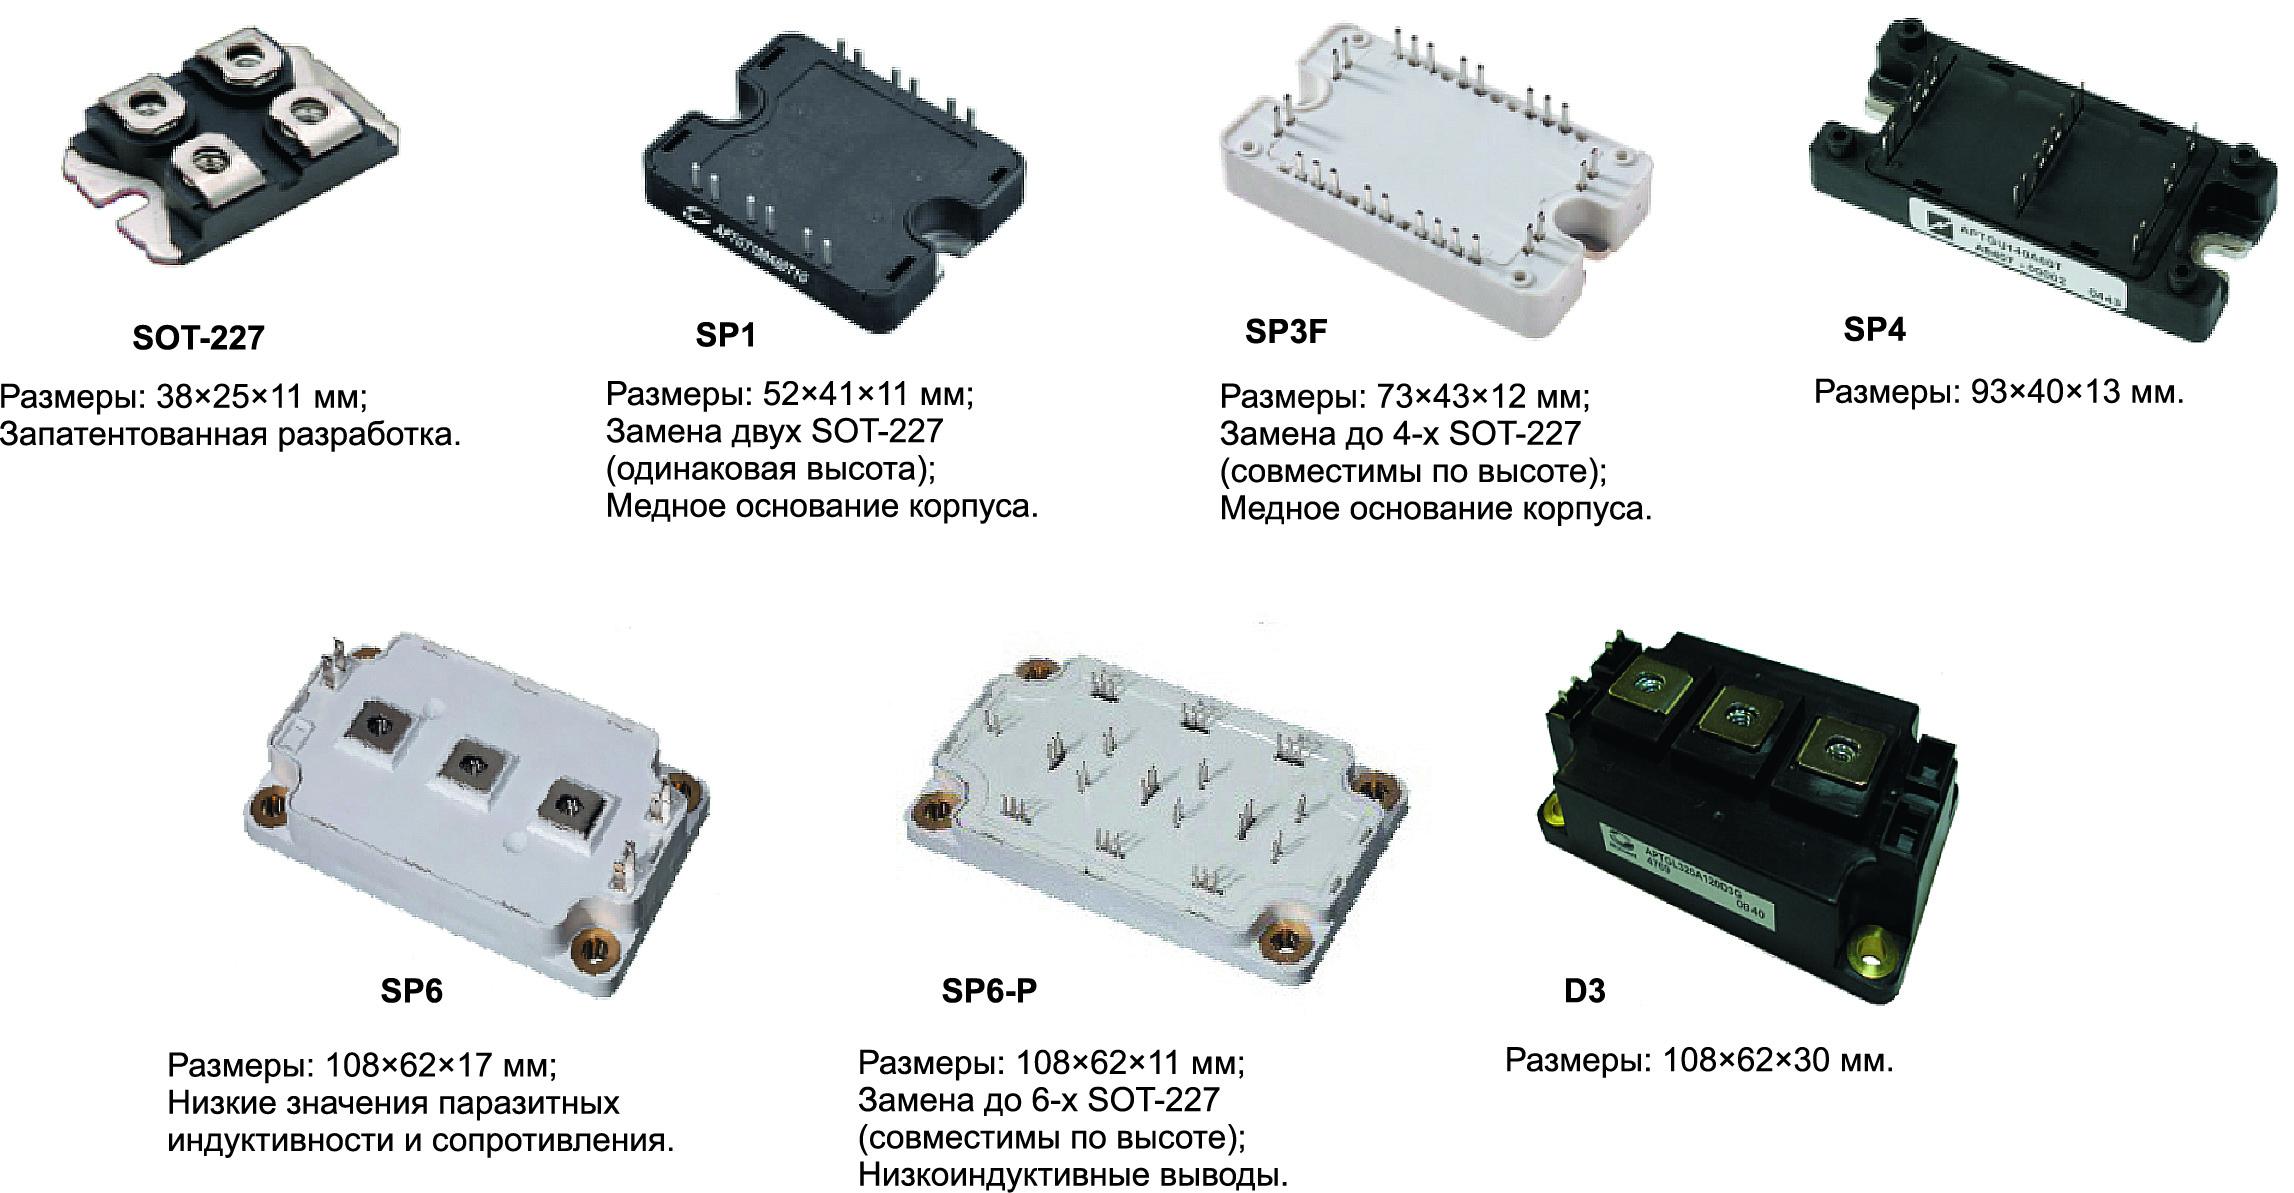 Внешний вид транзисторных SiC-модулей компании Microsemi